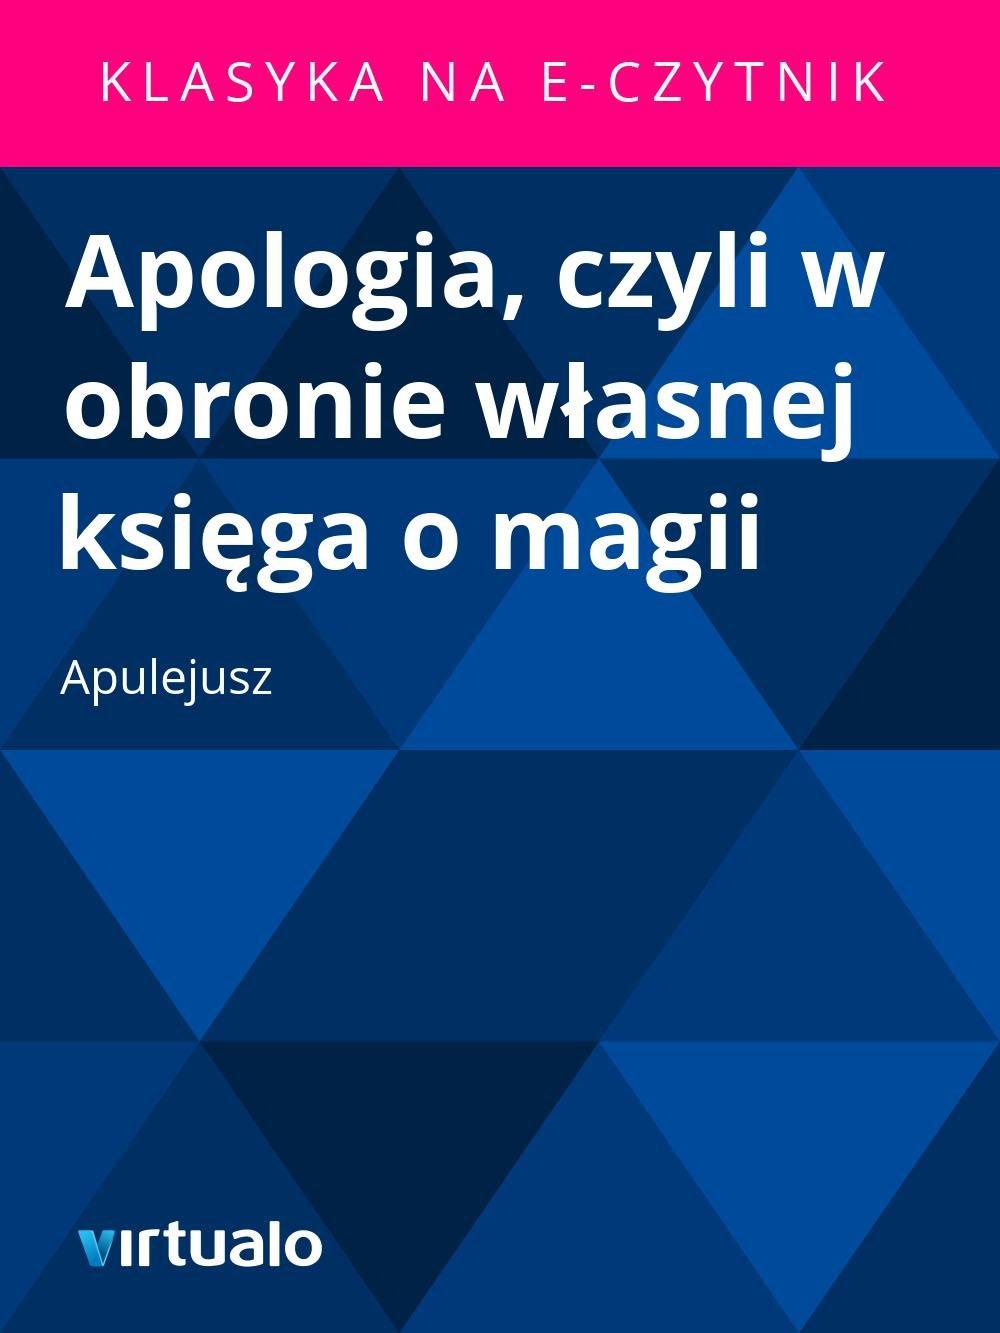 Apologia, czyli w obronie własnej księga o magii - Ebook (Książka EPUB) do pobrania w formacie EPUB